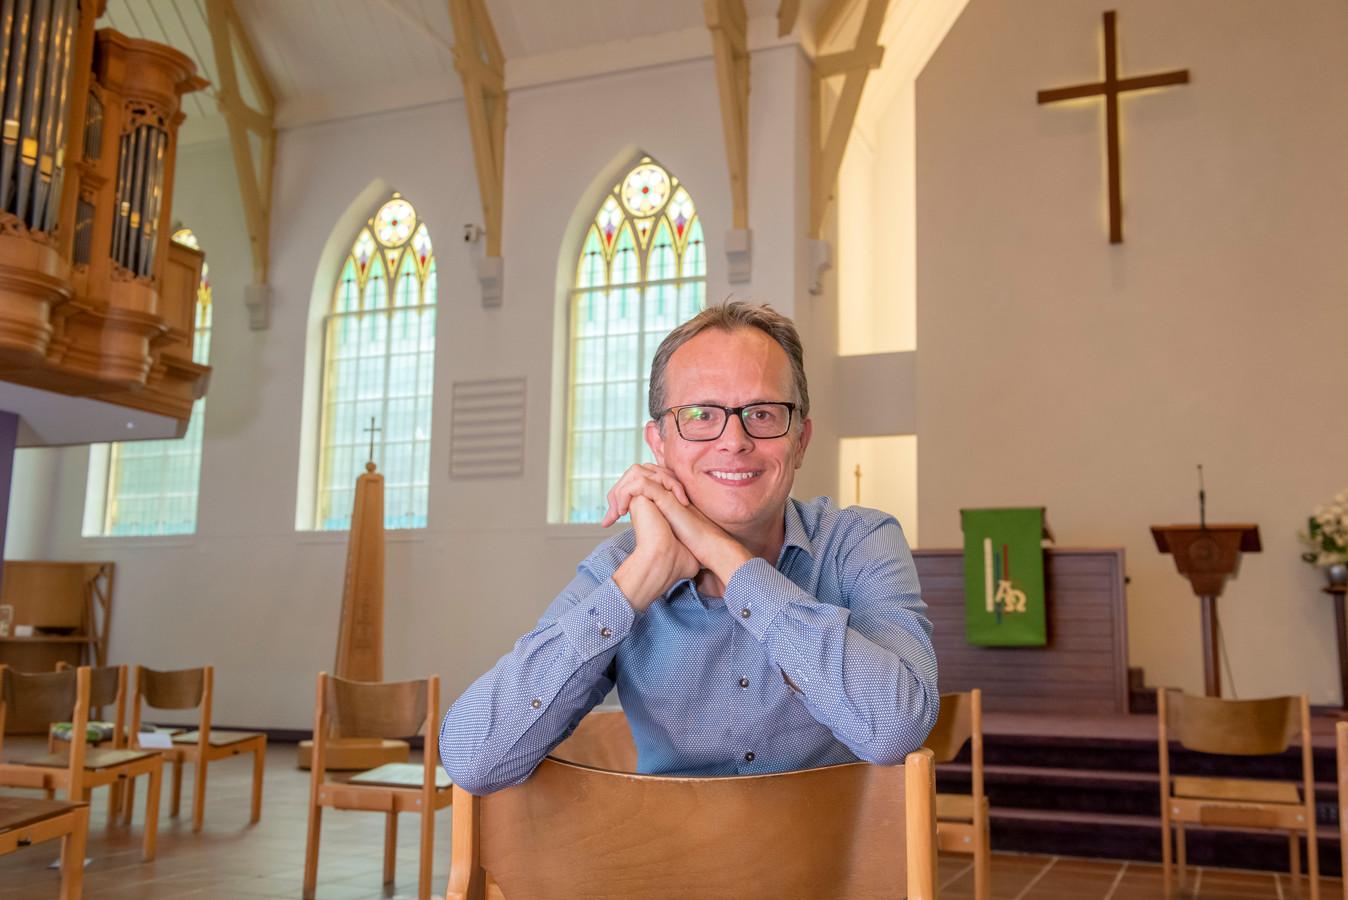 Jan Willem Leurgans, de eerste homoseksuele dominee in Ermelo. Hij komt uit orthodoxe kring, maar hij wil een rolmodel zijn voor andere christenen die worstelen met hun geaardheid.